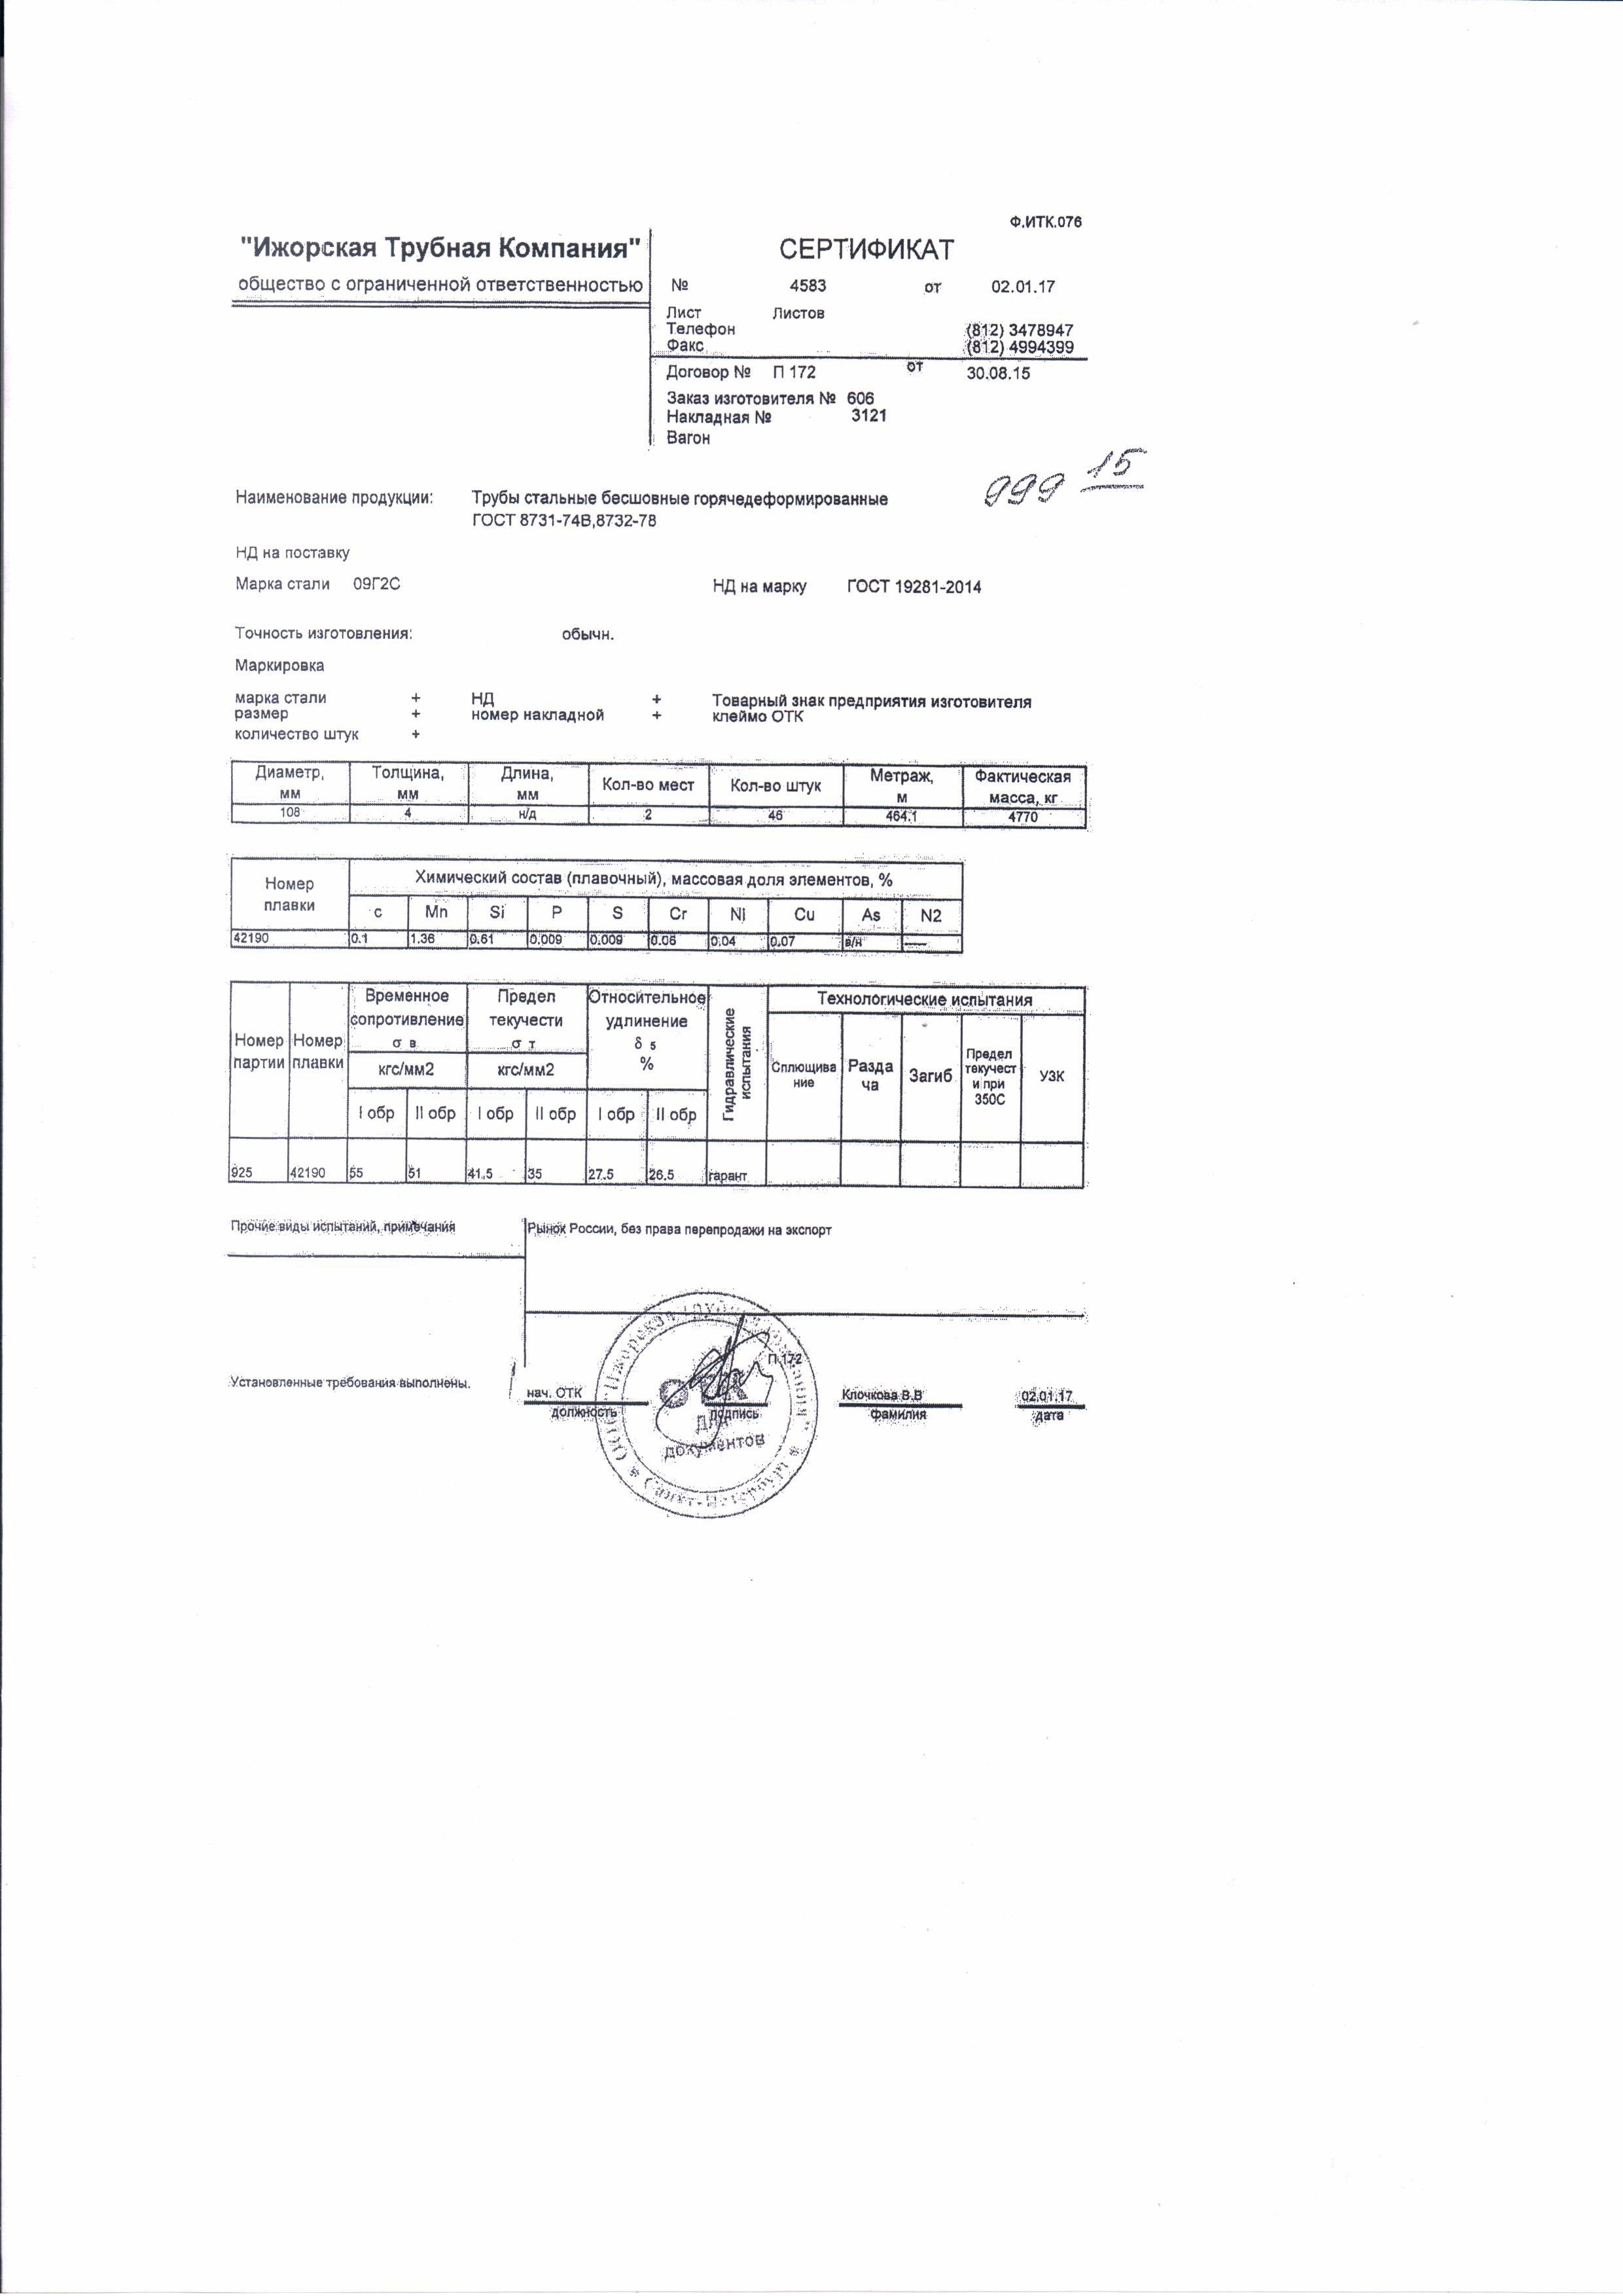 Ижорская трубная компания официальный сайт сертификаты работа по продвижению сайтов на дому вакансии